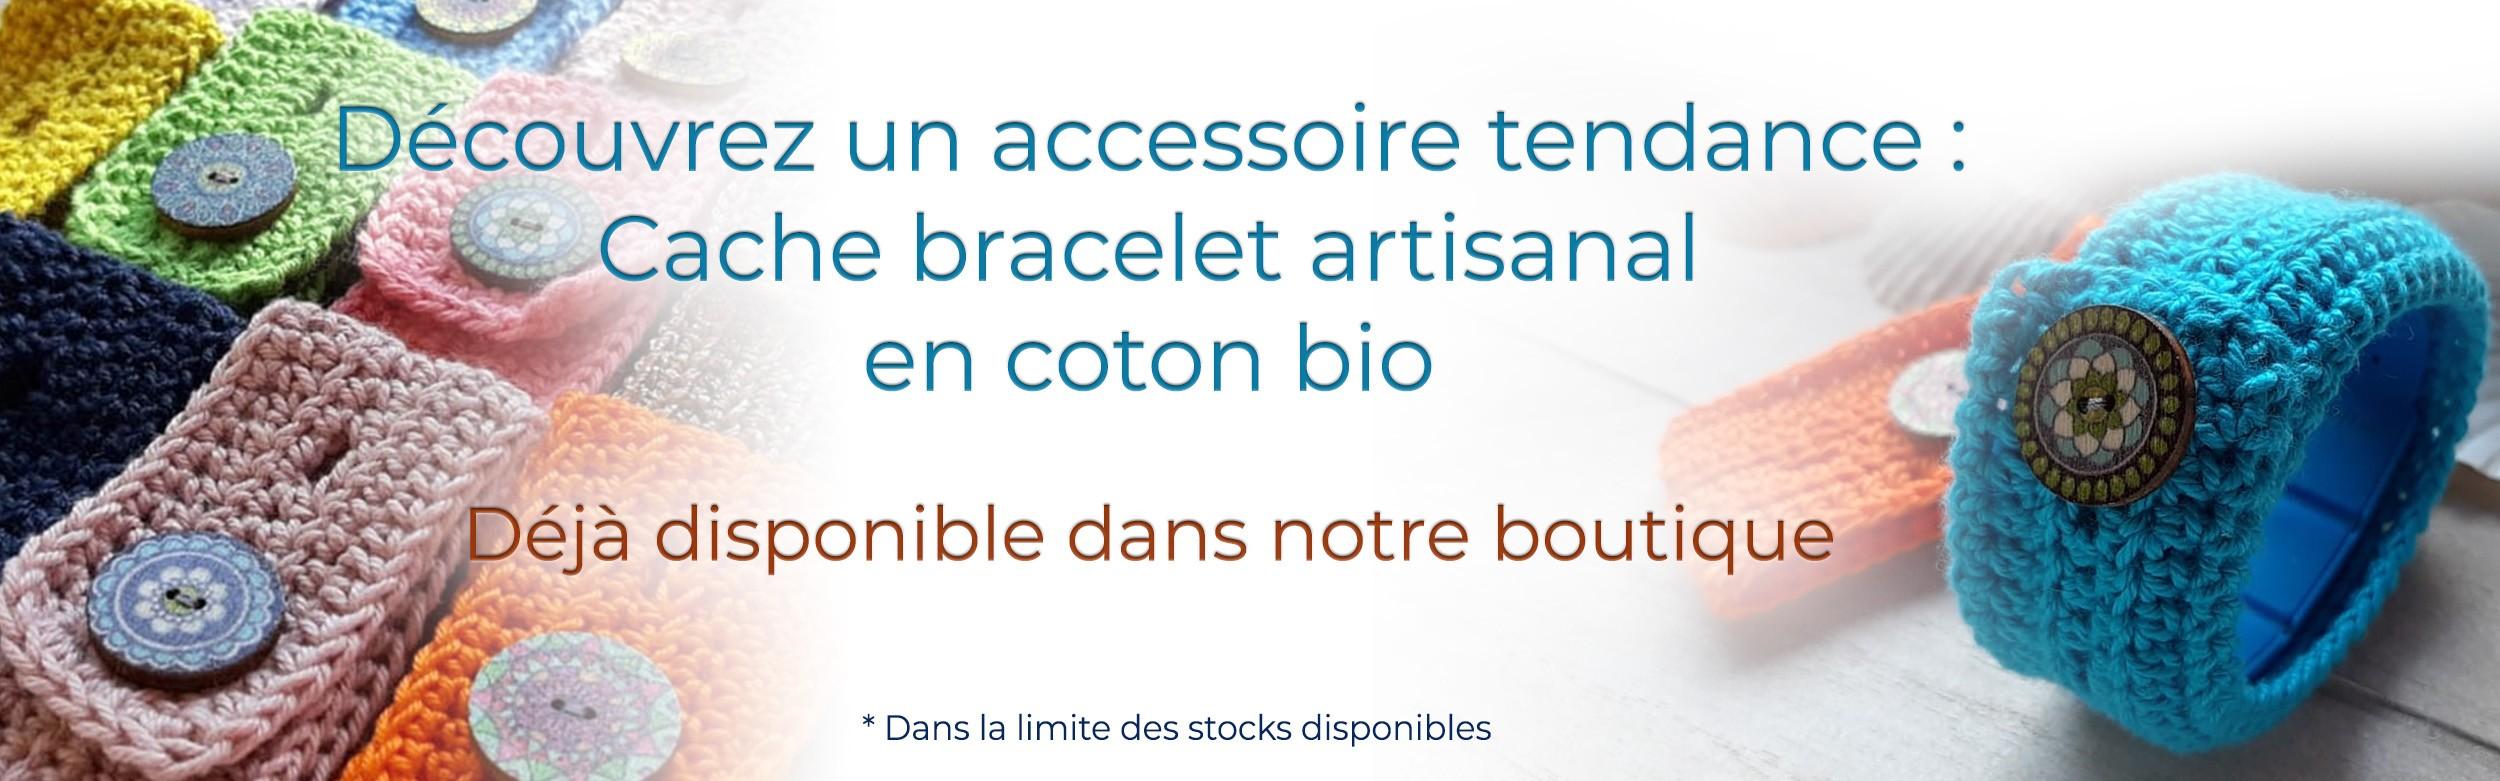 Cache bracelet